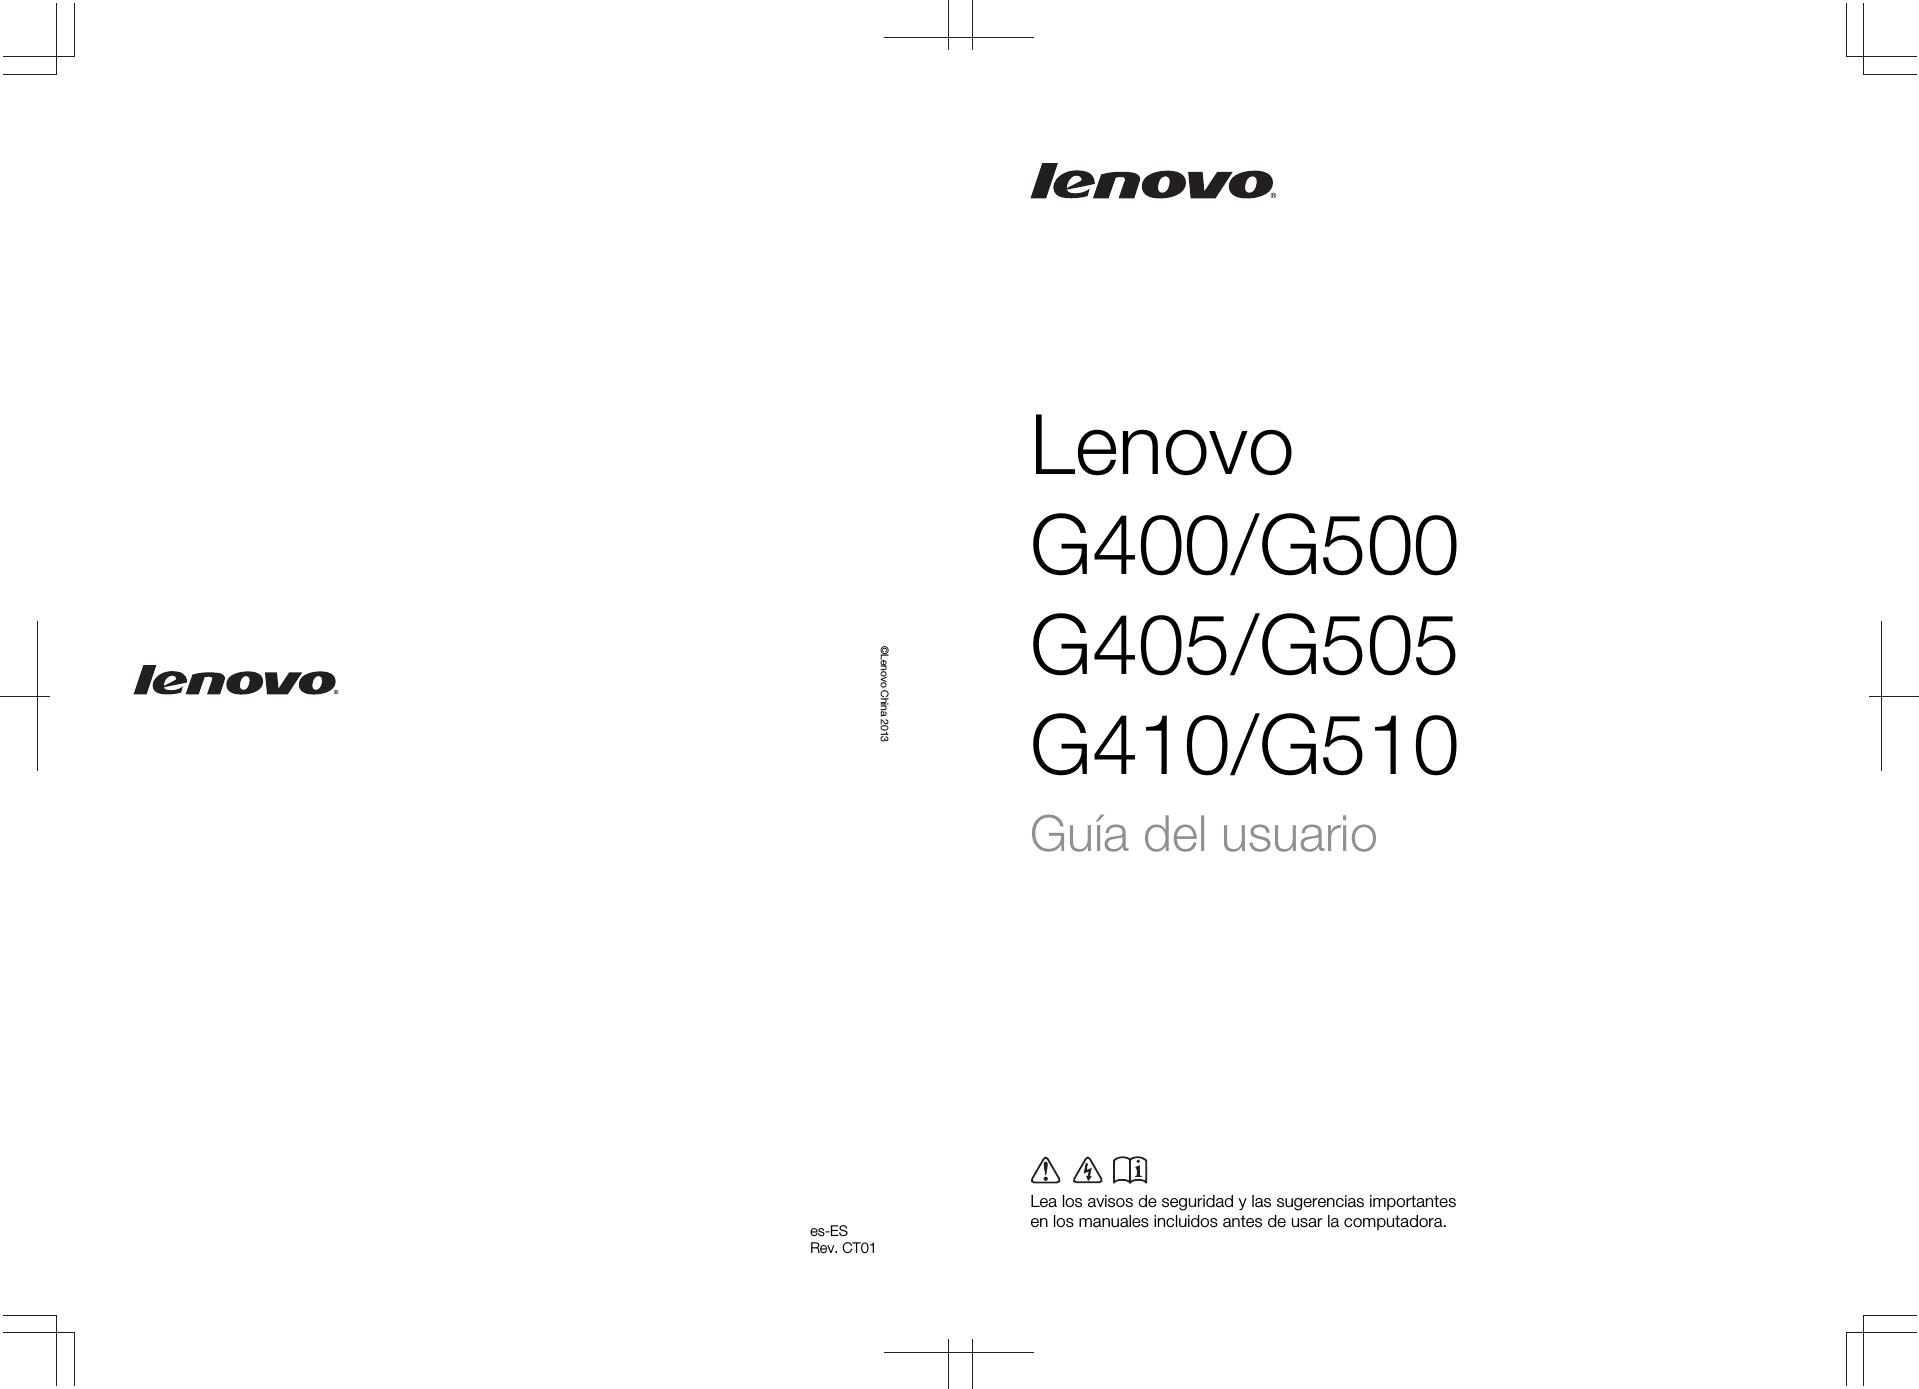 Lenovo G400G500G405G505G410G510 Ug Spanish W8.1 G400/G500